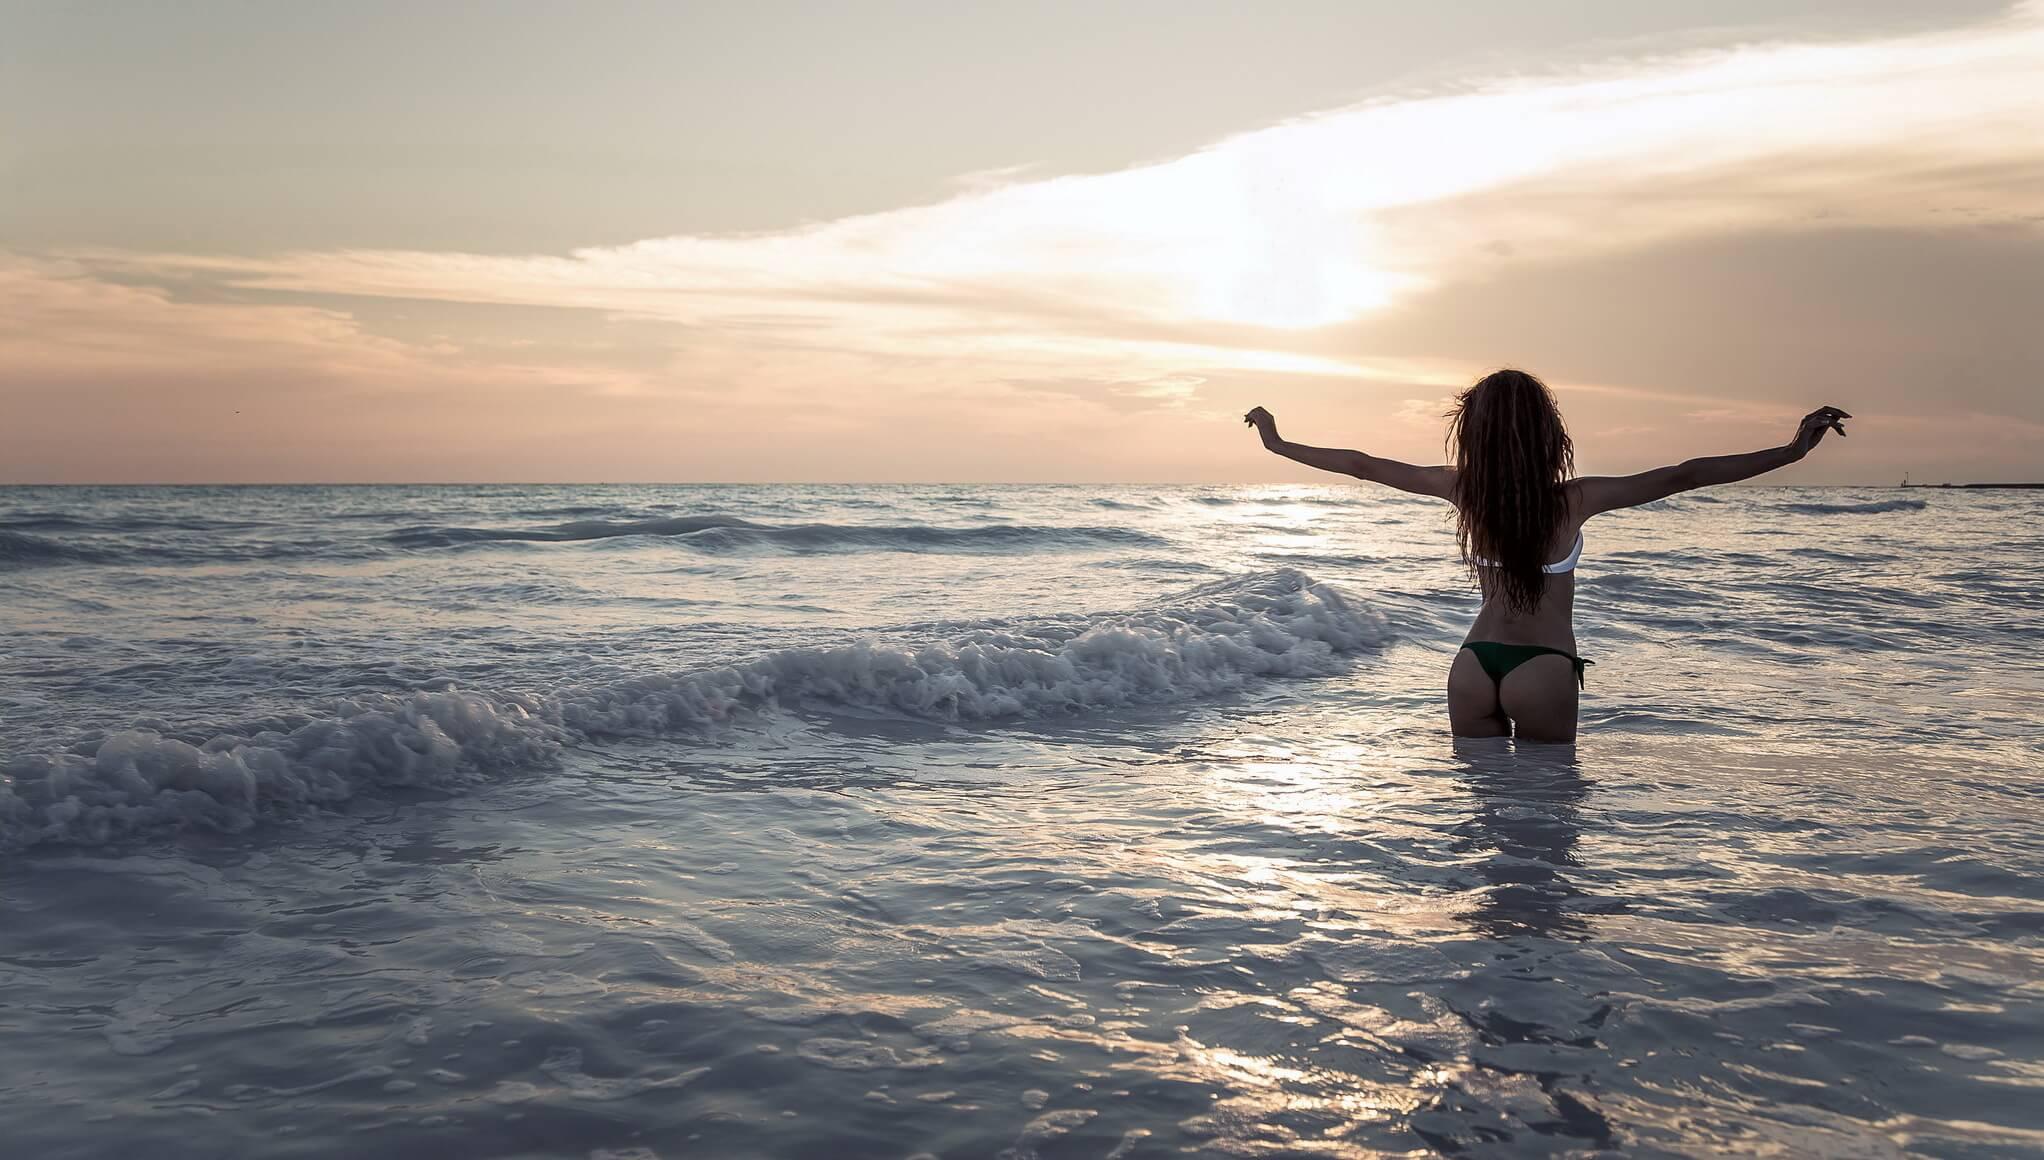 Девушка на море фотографии на аву без лица (9)